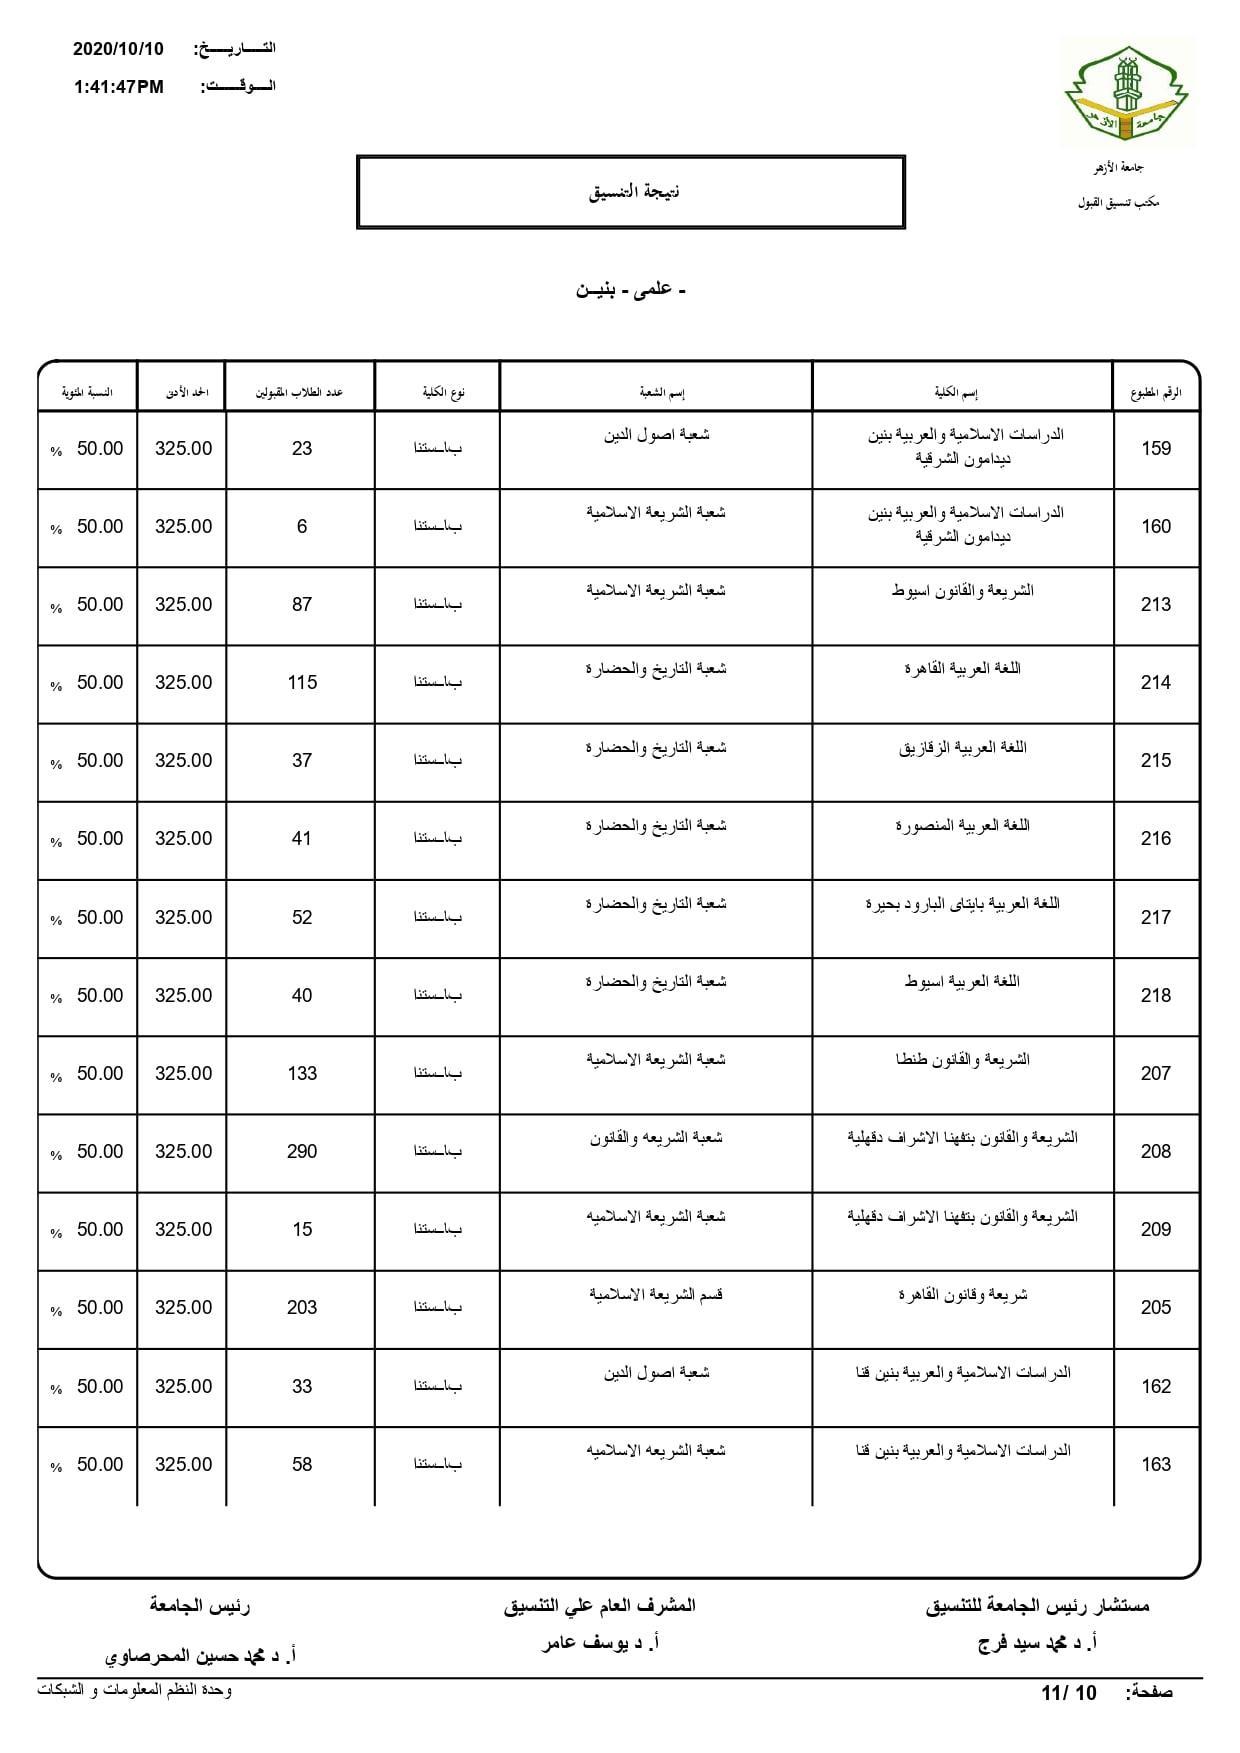 نتيجة تنسيق كليات جامعة الأزهر لعام 2020 بالكامل 20201010200928624